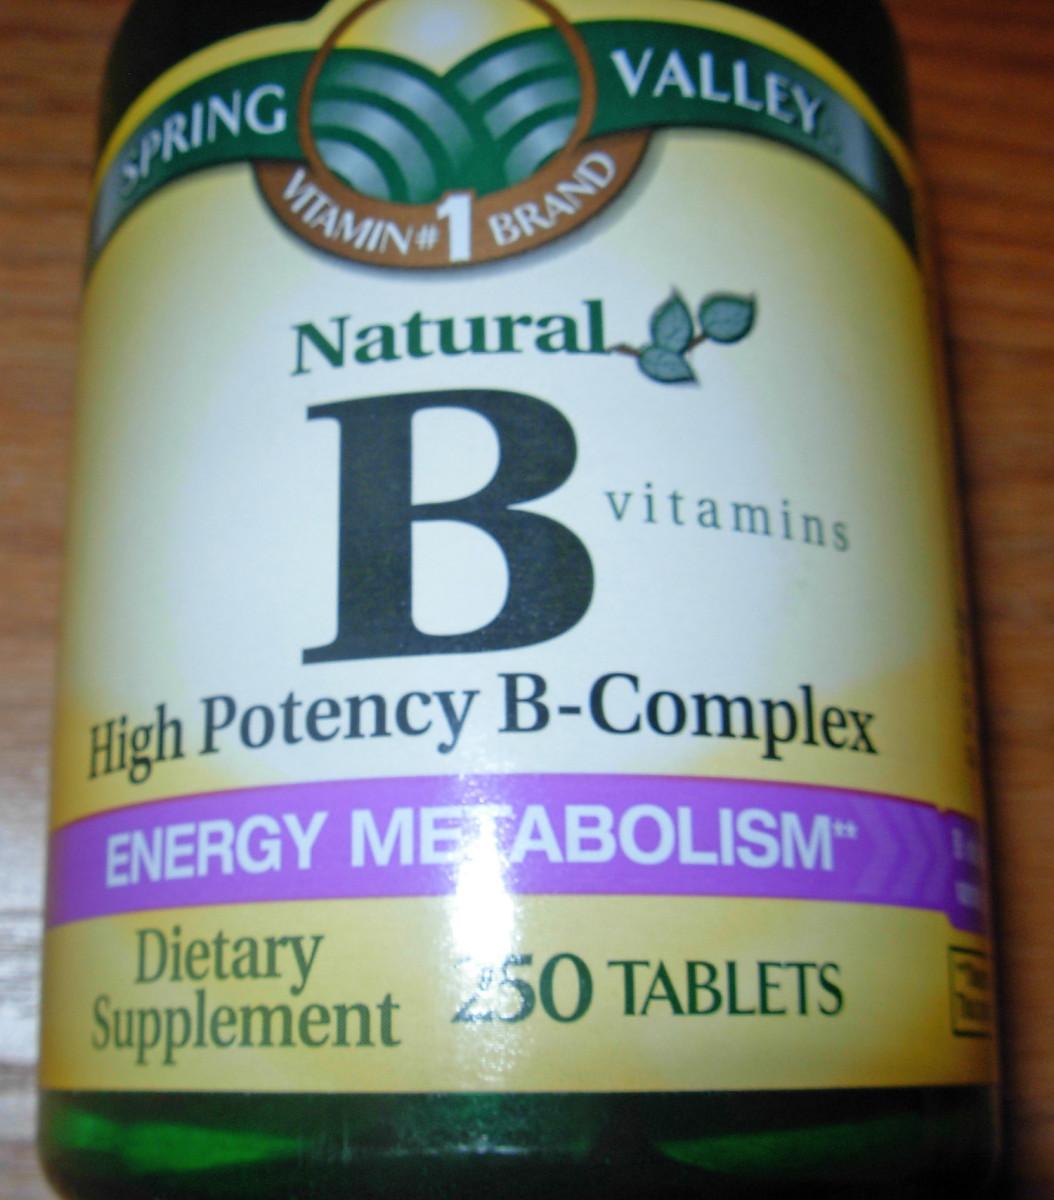 Vitamin B that contains Vitamin B12